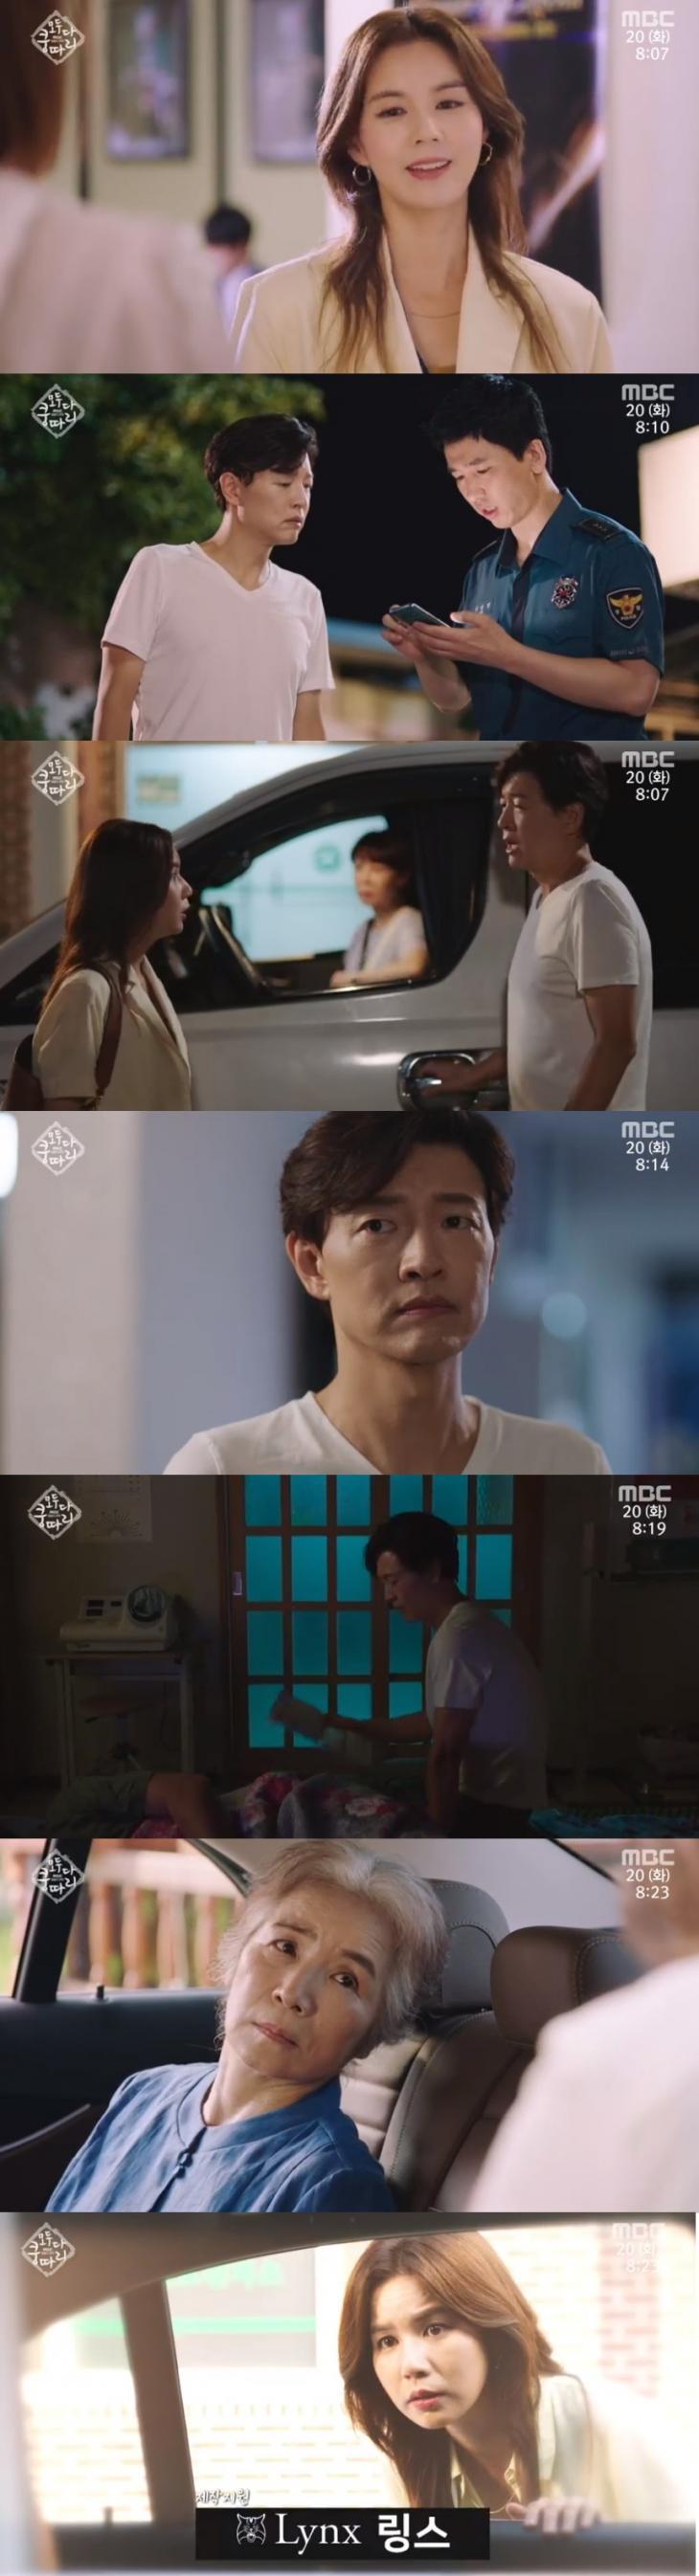 박시은 이보희 김호진 / MBC '모두다쿵따리' 캡처